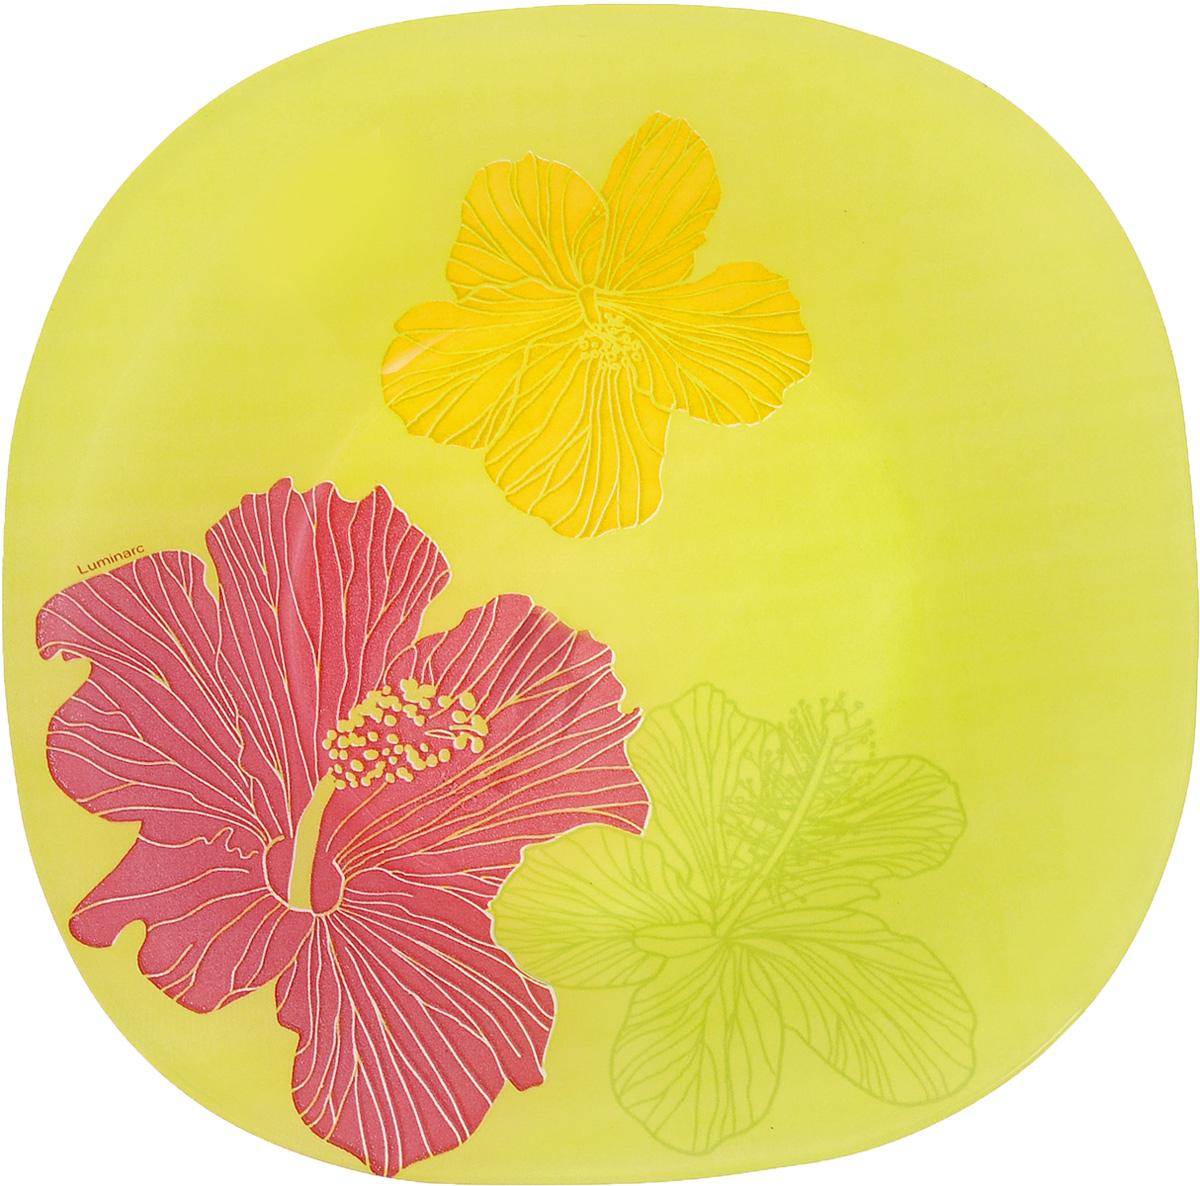 Тарелка глубокая Luminarc Hibiscus, 20 х 20 см54 009312Глубокая тарелка Luminarc Hibiscus выполнена изударопрочного стекла и оформлена ярким рисунком.Изделие сочетает в себе изысканный дизайн с максимальнойфункциональностью. Она прекрасно впишется винтерьер вашей кухни и станет достойным дополнениемк кухонному инвентарю. Тарелка Luminarc Hibiscus подчеркнет прекрасный вкус хозяйкии станет отличным подарком. Размер (по верхнему краю): 20 х 20 см.Высота тарелки: 3,2 см.